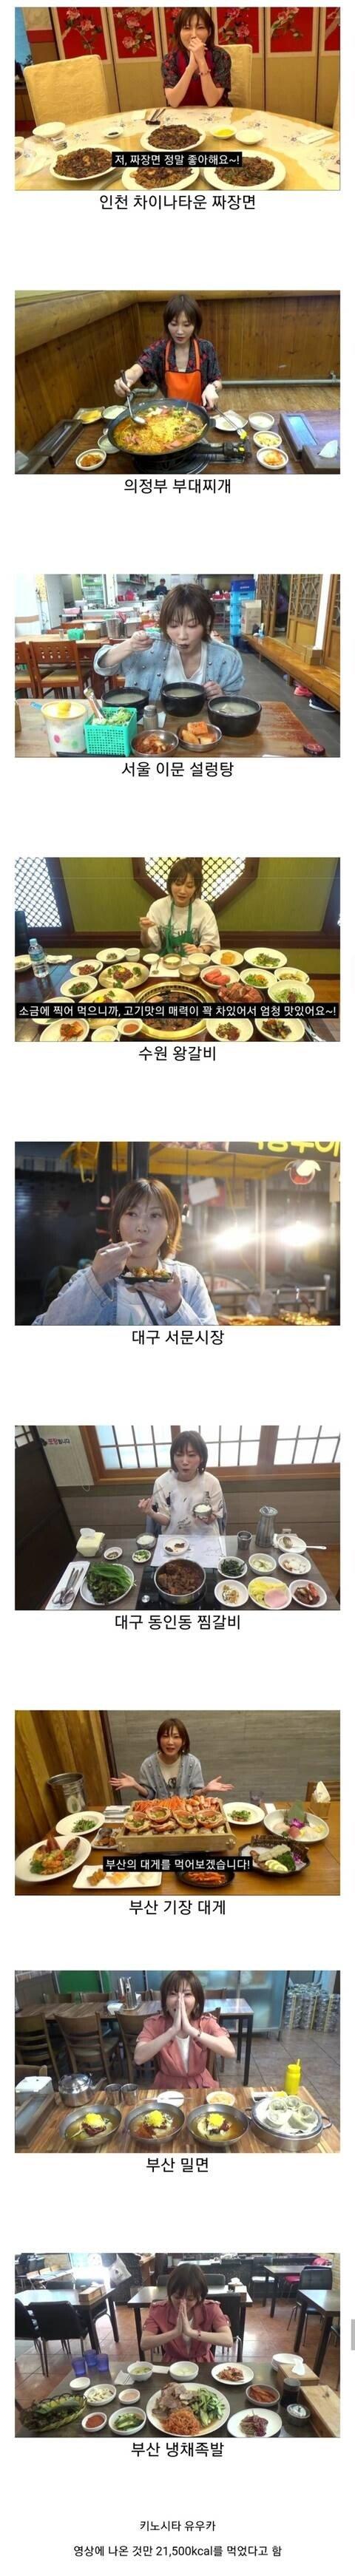 1.jpg 3박4일 한국 여행한 일본 유튜버의 식사